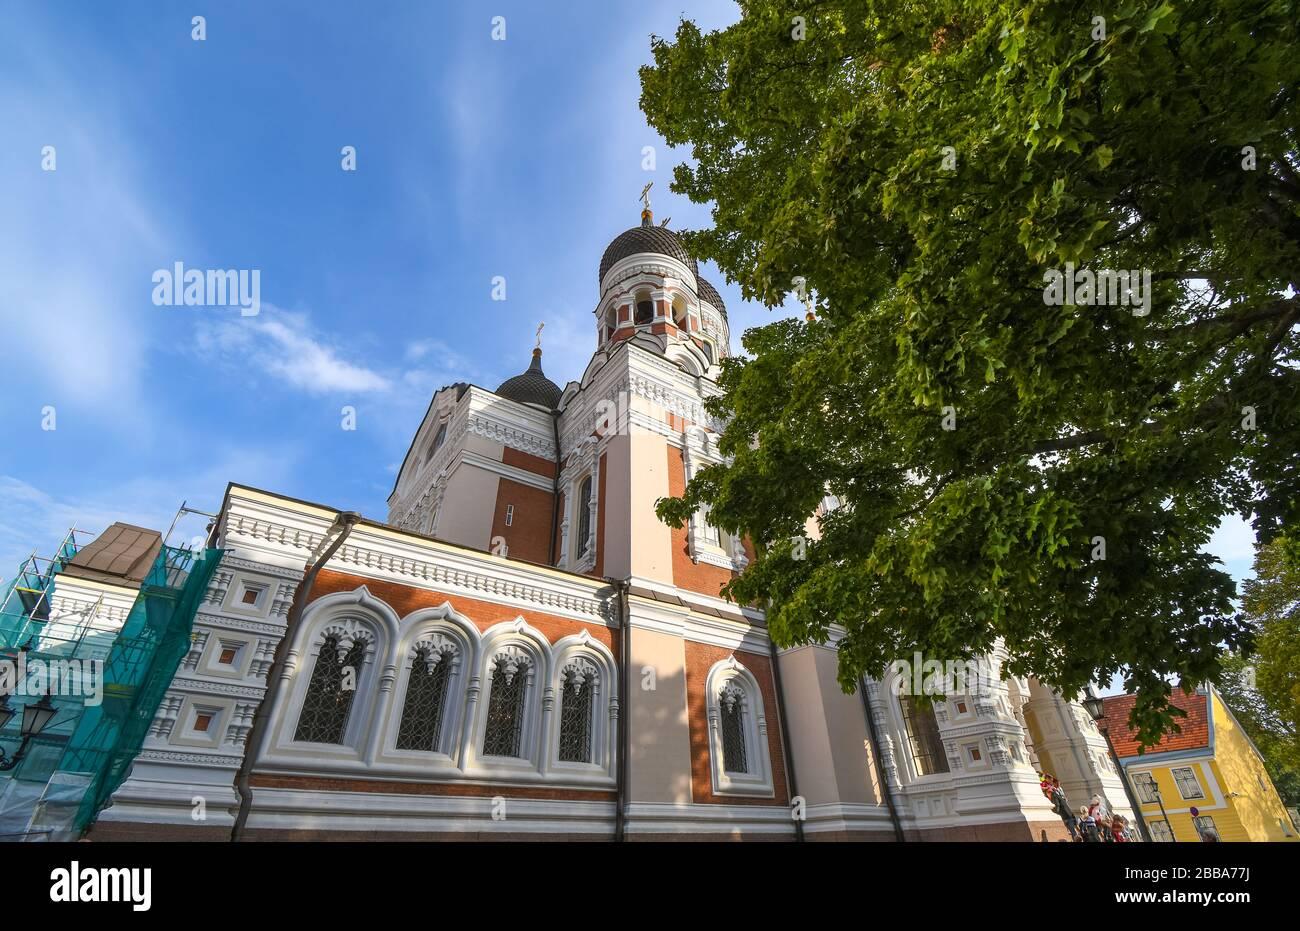 La facciata della Cattedrale di Alexander Nevsky sulla collina di Toompea nella città medievale di Tallinn Estonia. Foto Stock